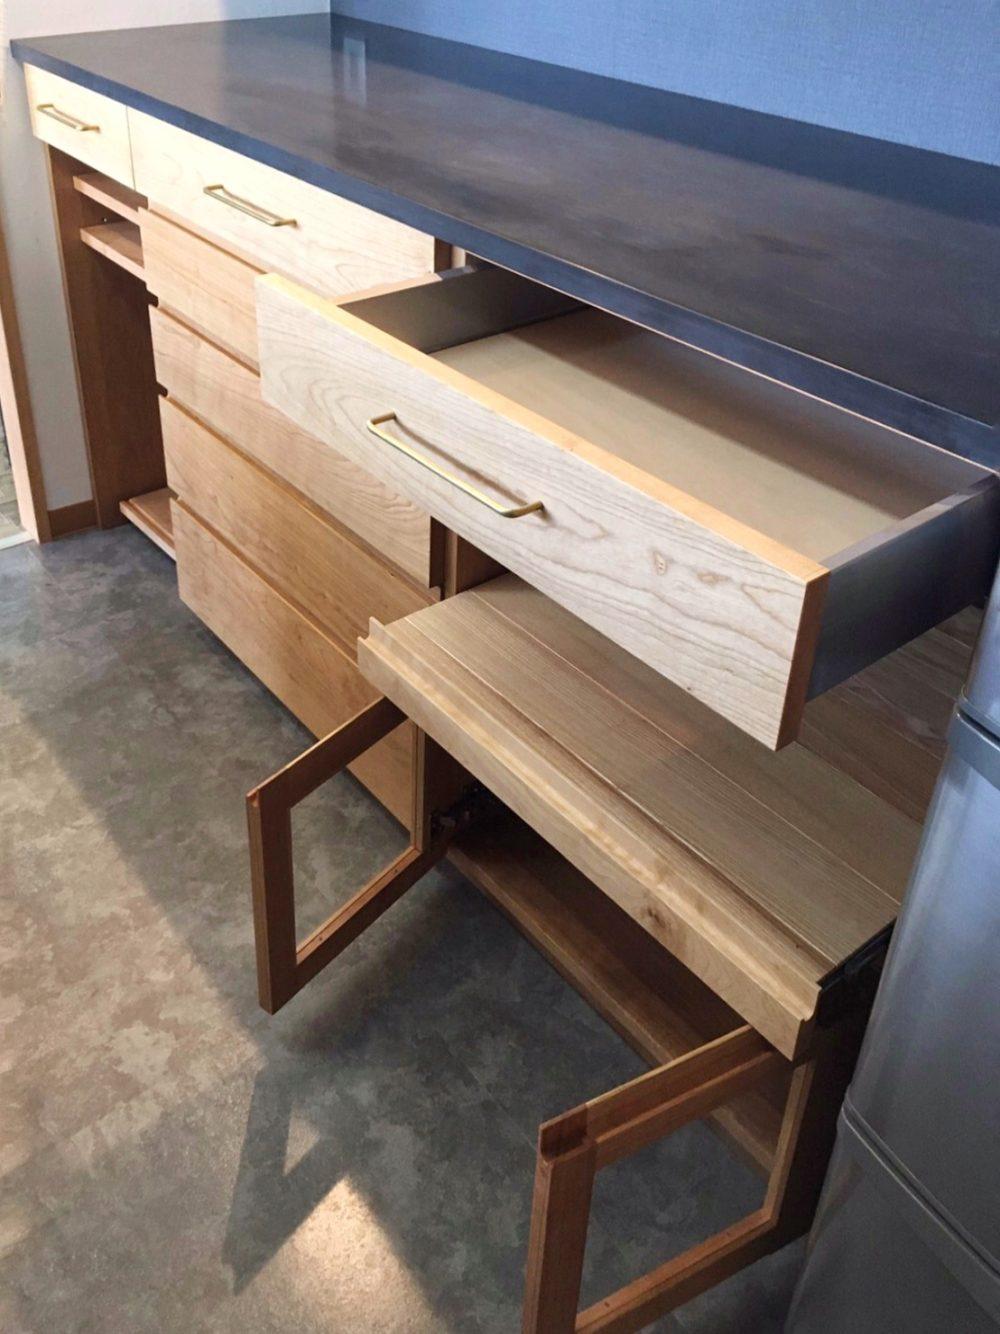 オーダー家具・カップボード食器棚/関西・兵庫・西宮